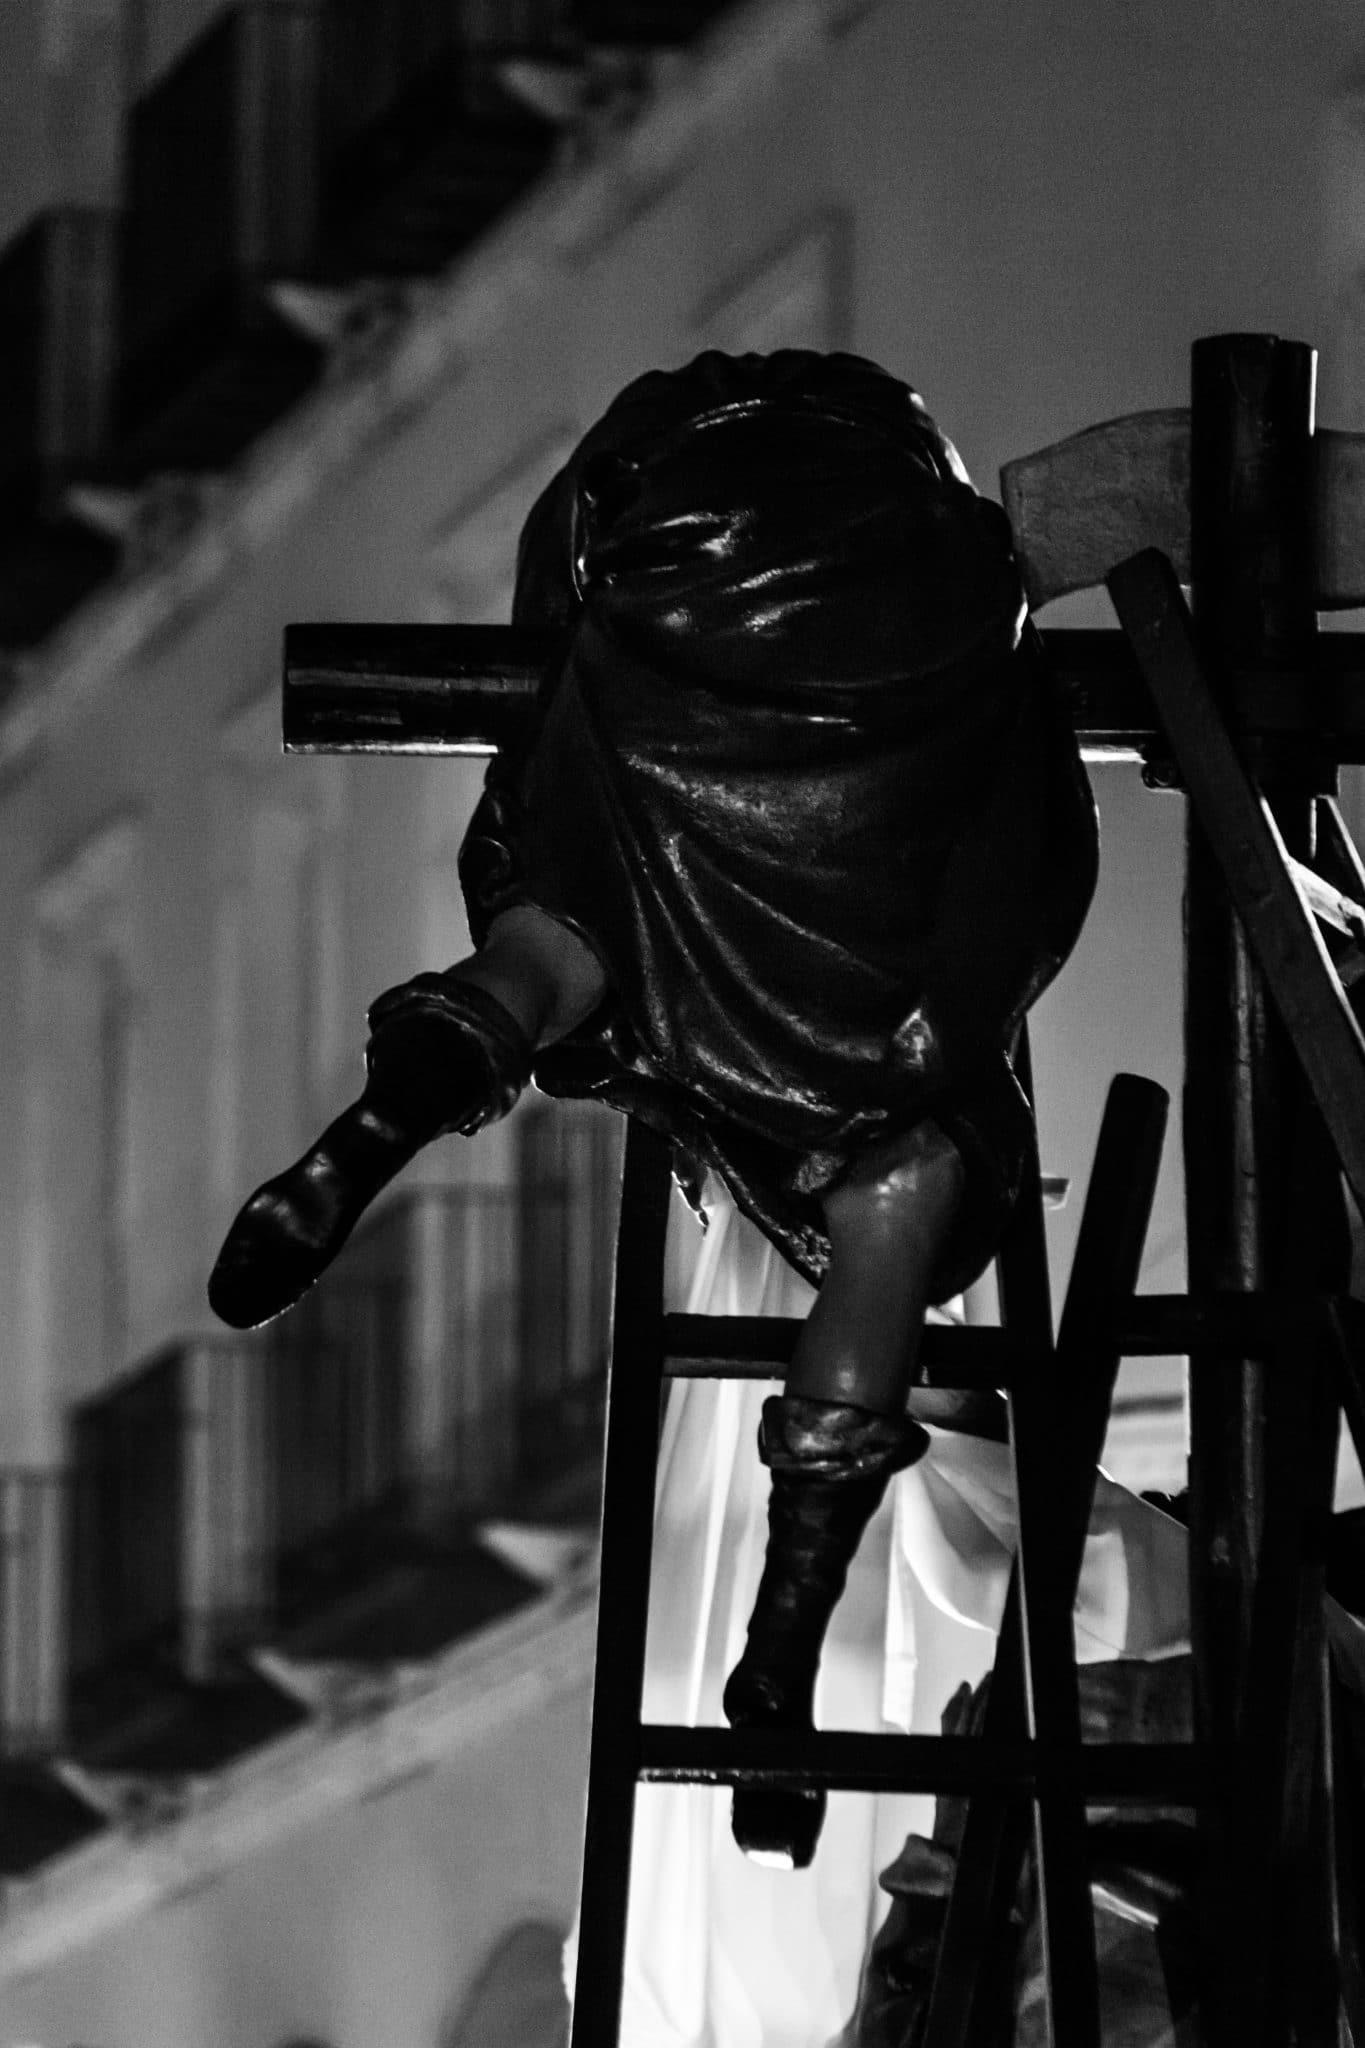 Semana Santa en Zaragoza - Procesion Titular Descendimiento